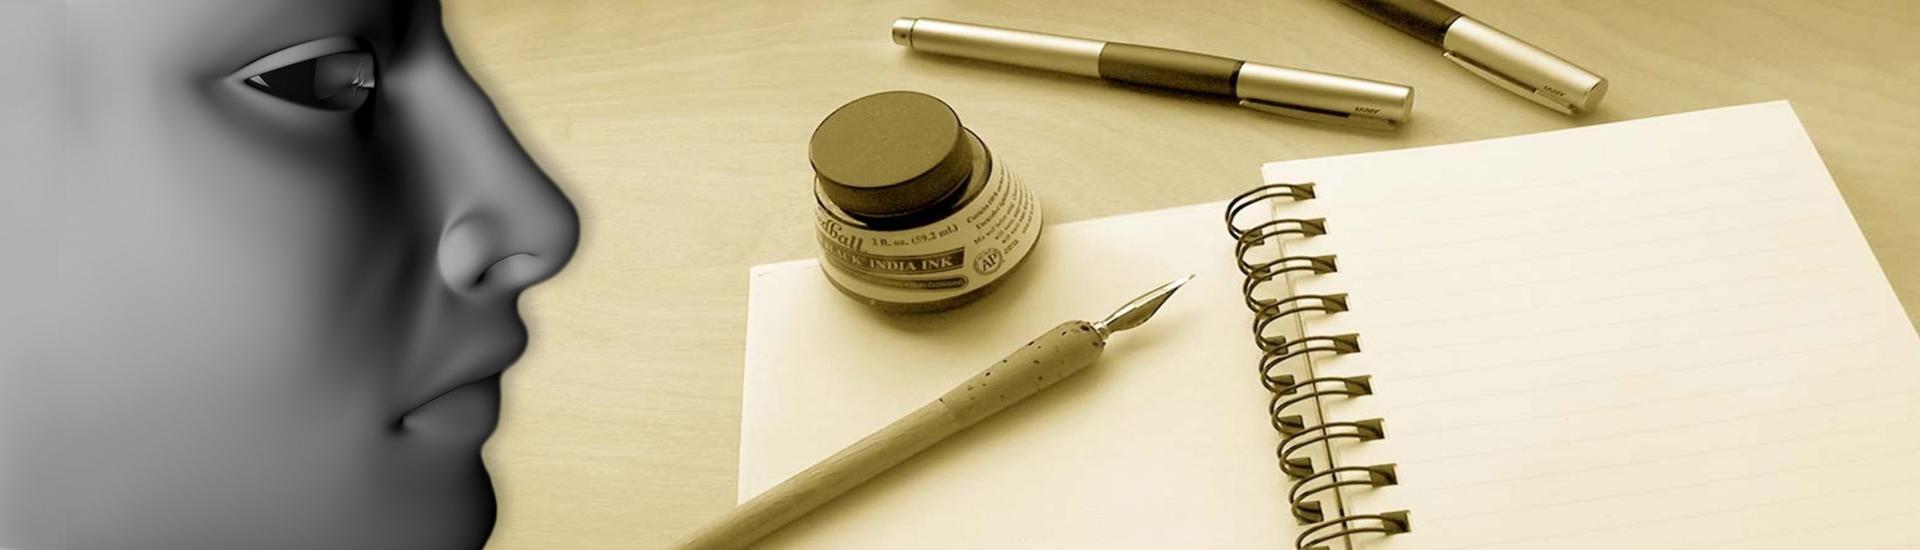 Che scuola? Che lavoro voglio fare da grande? Orientamento scolastico-professionale basato sulla scrittura. Chi sono? Analisi della personalità tramite la scrittura. Grafologo Alessandro Rossini. Padova.